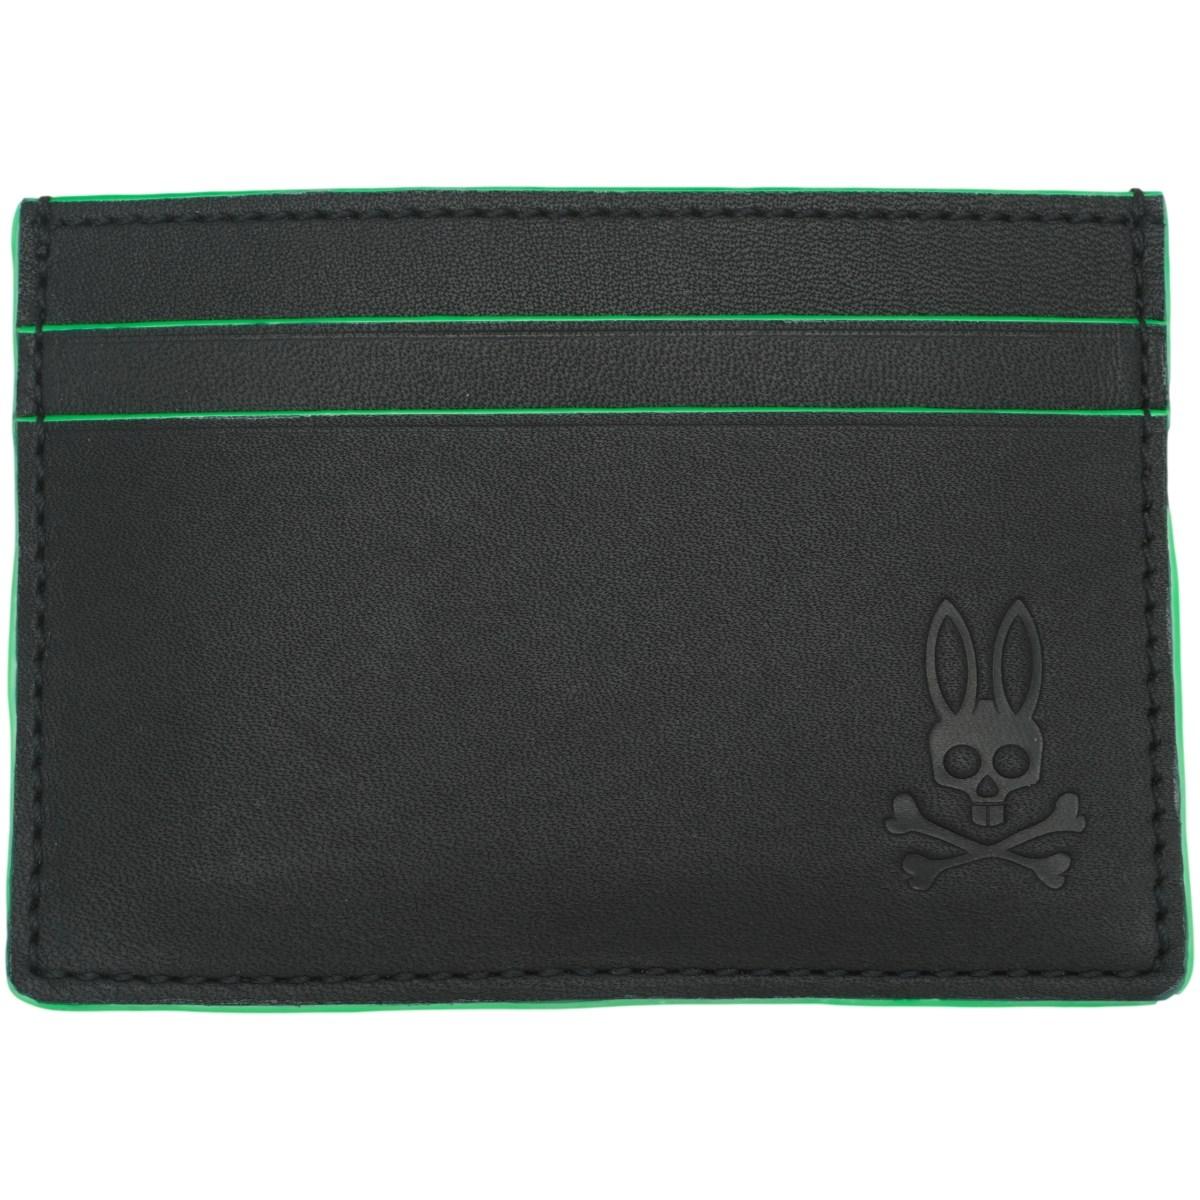 サイコバニー PSYCHO BUNNY グリーン ネオンカラーパスケース ブラック/ネオングリーンエッジ 400